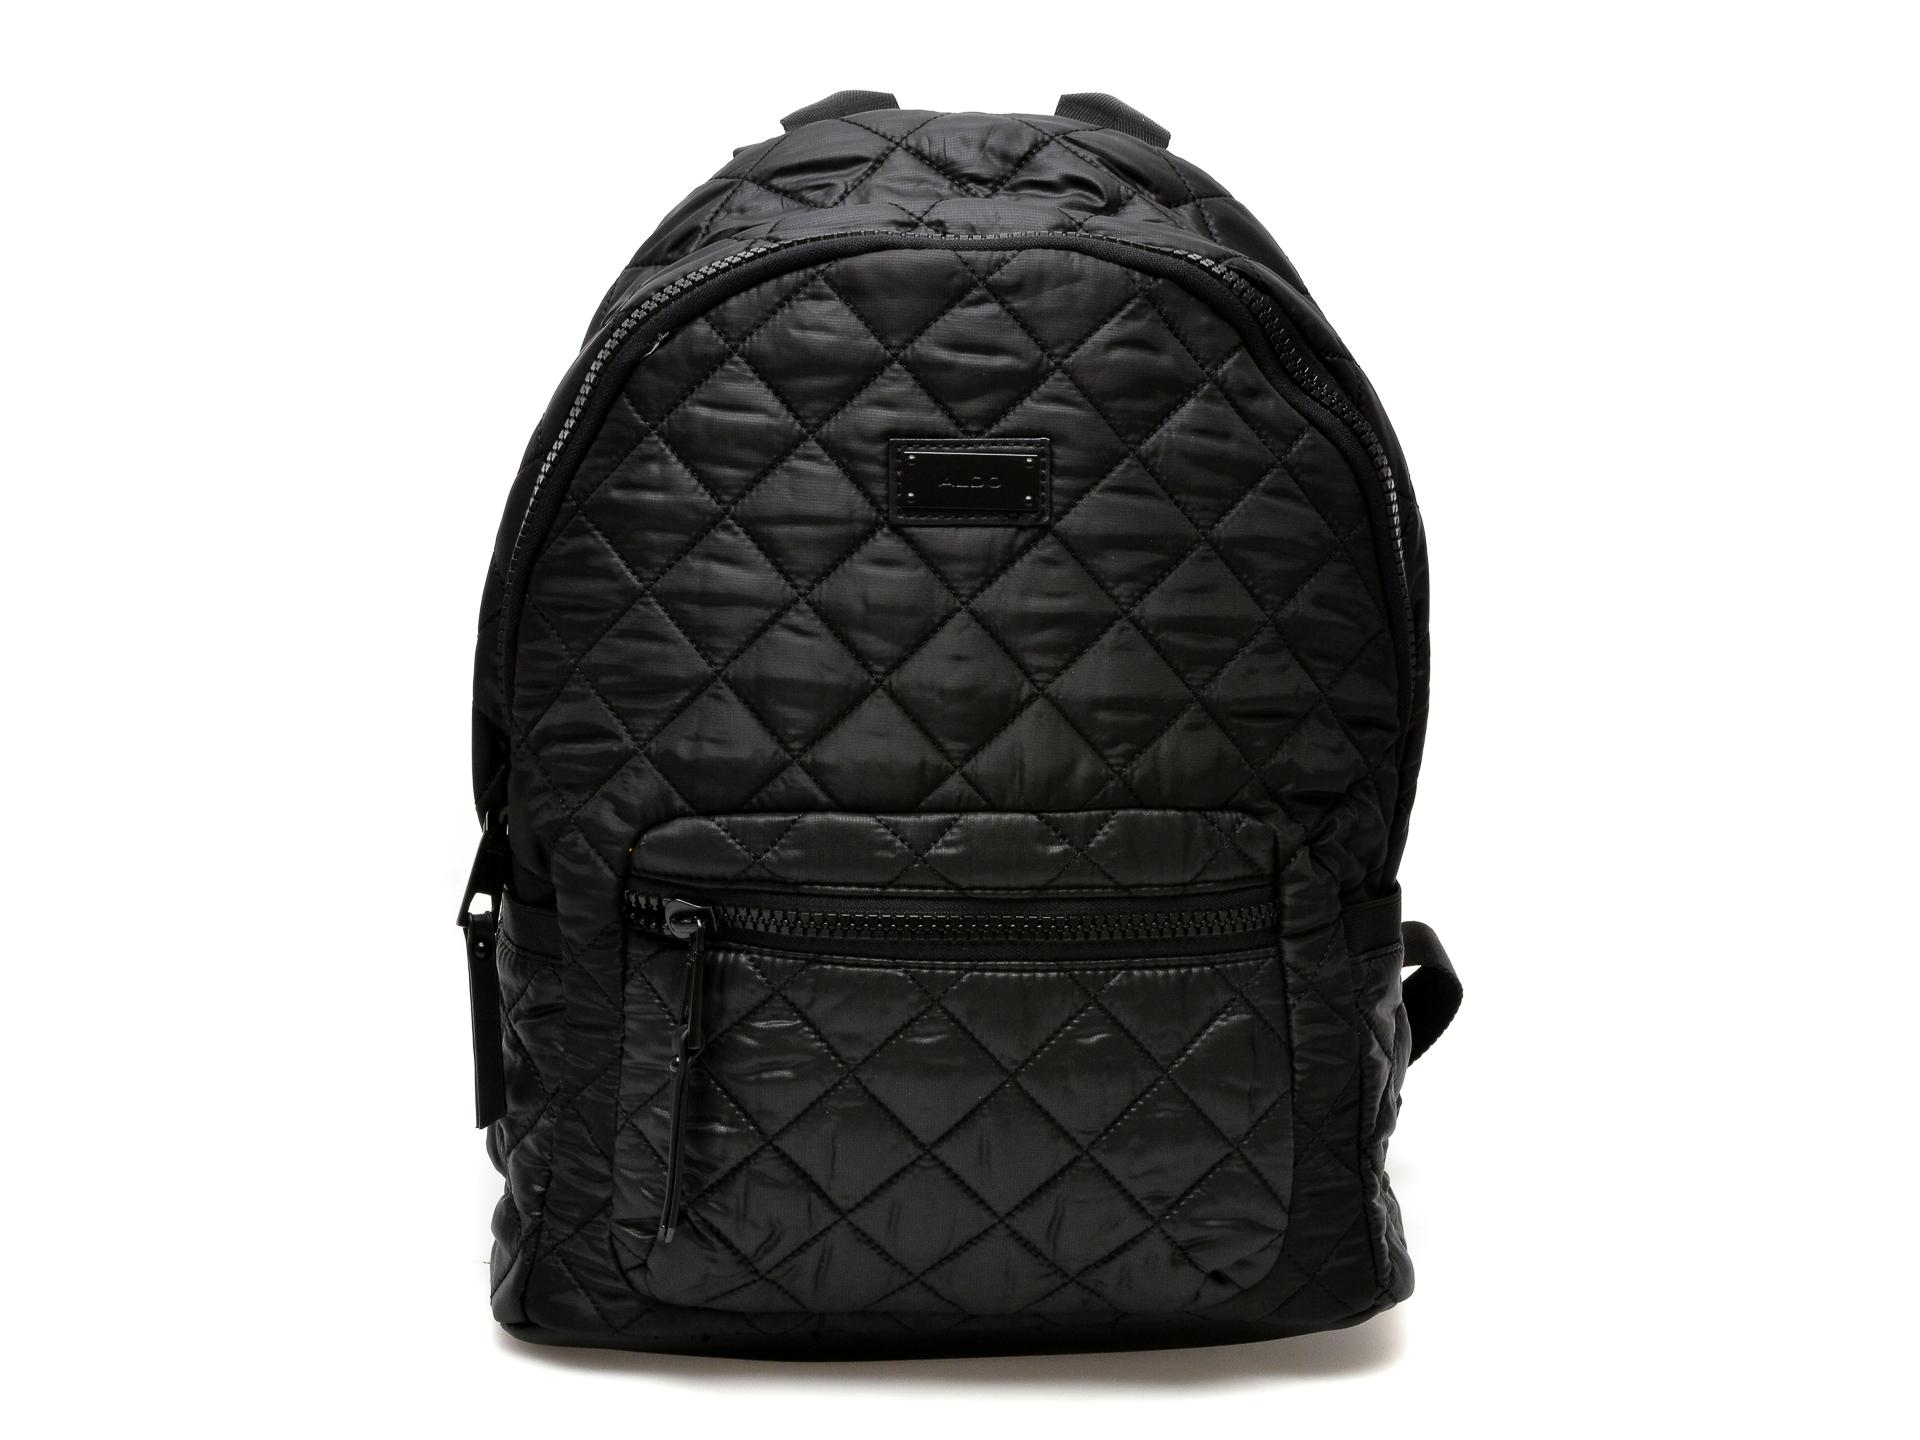 Rucsac ALDO negru, Acylle008, din material textil imagine otter.ro 2021